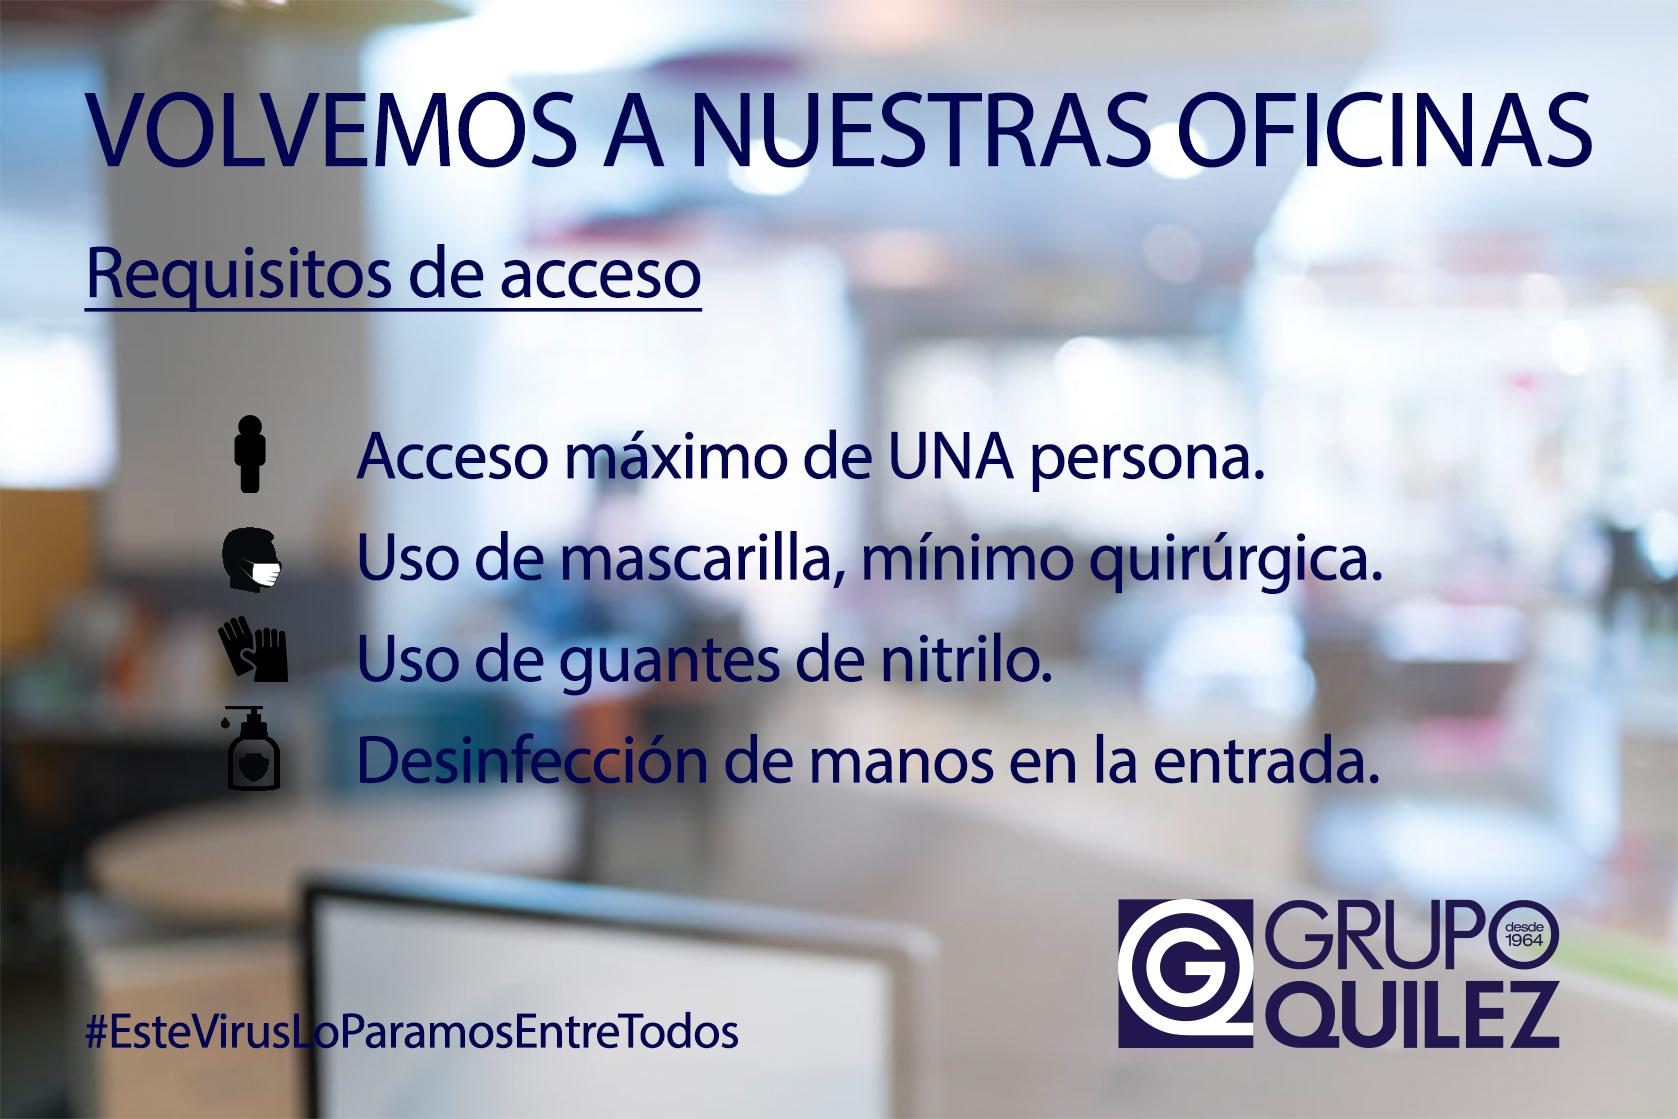 Grupo Quílez reabre sus oficinas al público